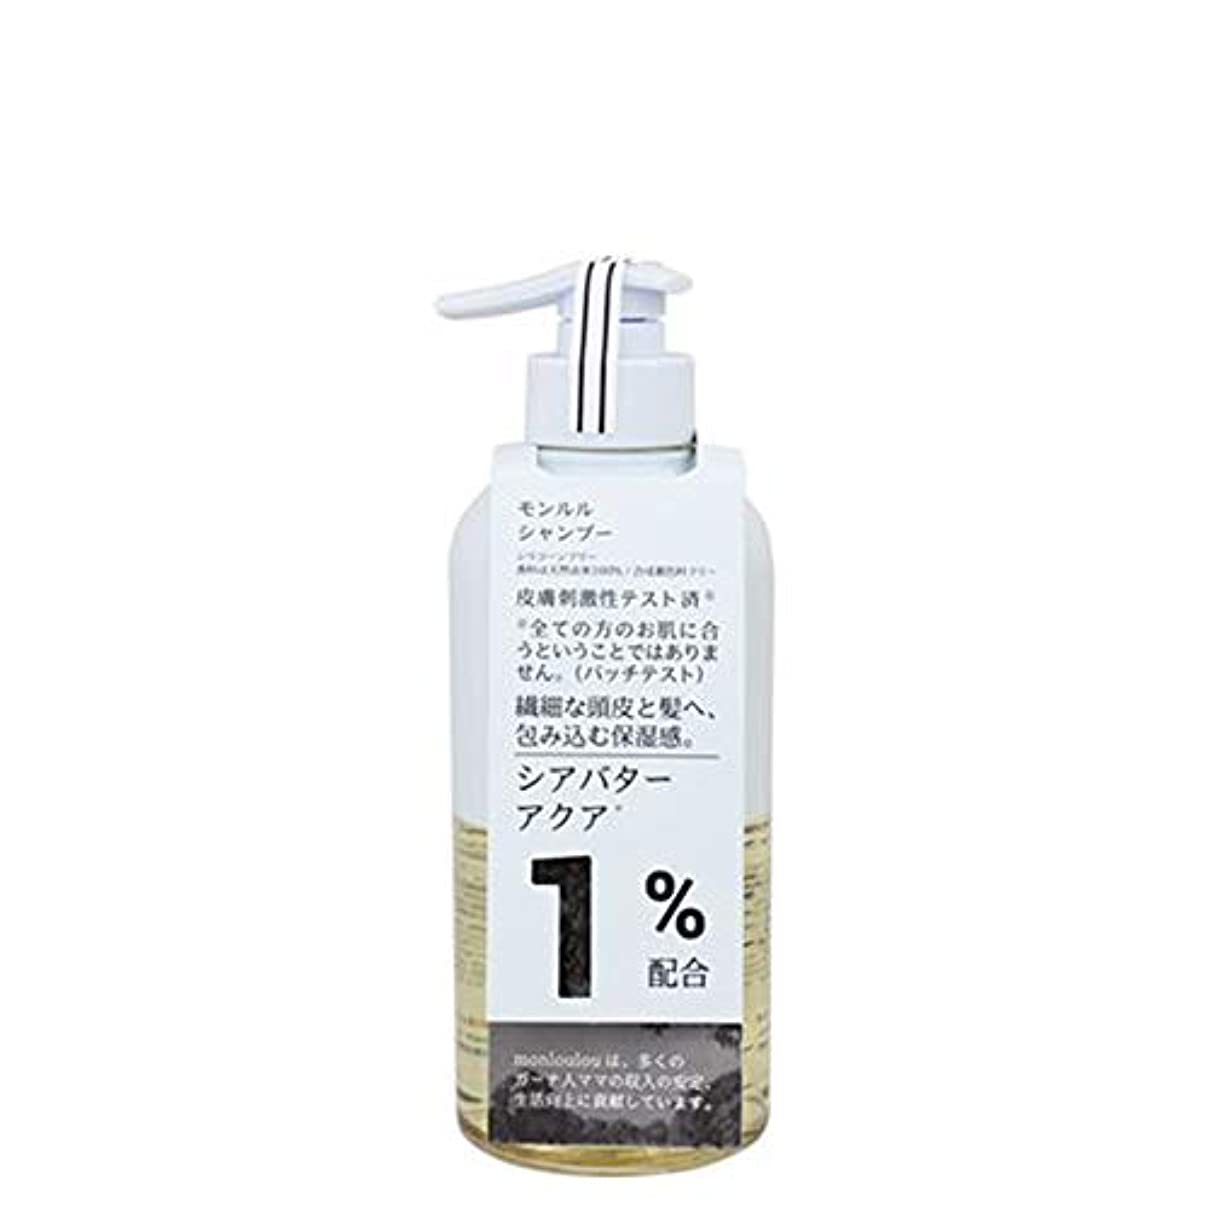 せせらぎ賞浴室モンルル1%シャンプー 400mL